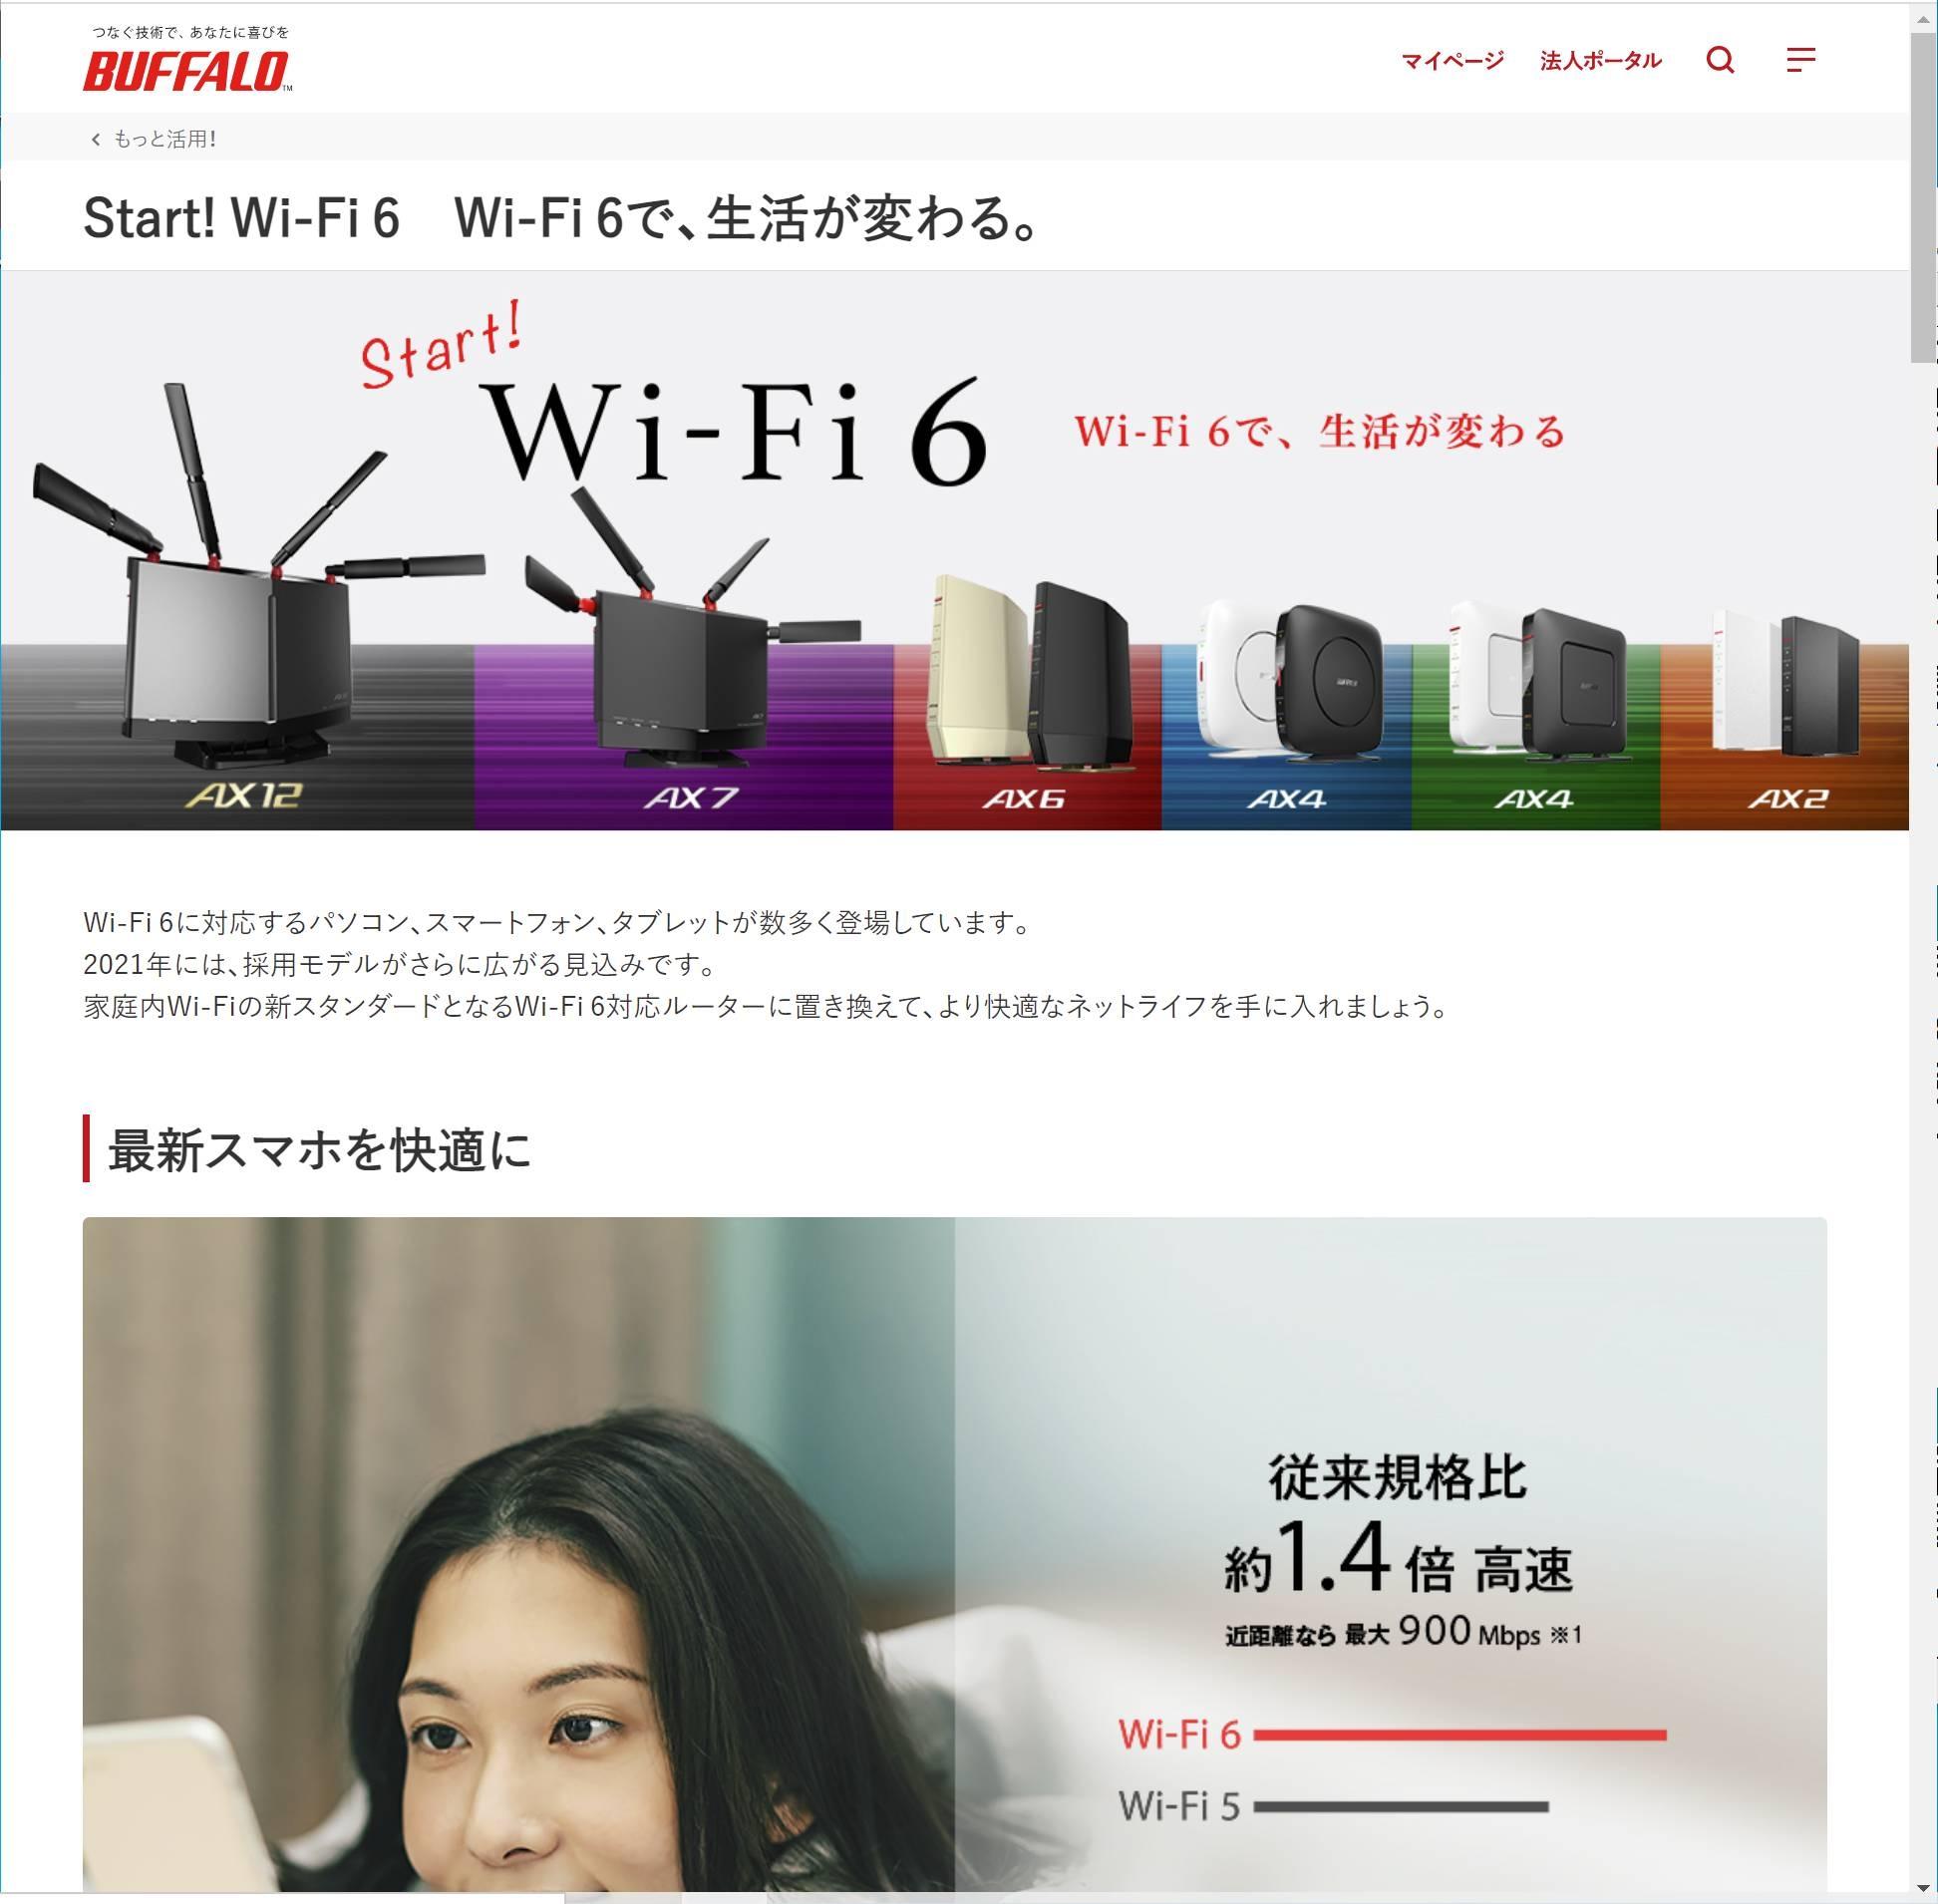 Wi-Fi 6は最新規格IEEE 802.11axの愛称。パッケージや製品仕様でその愛称を大きく記載している製品が多い (出所:バッファロー)